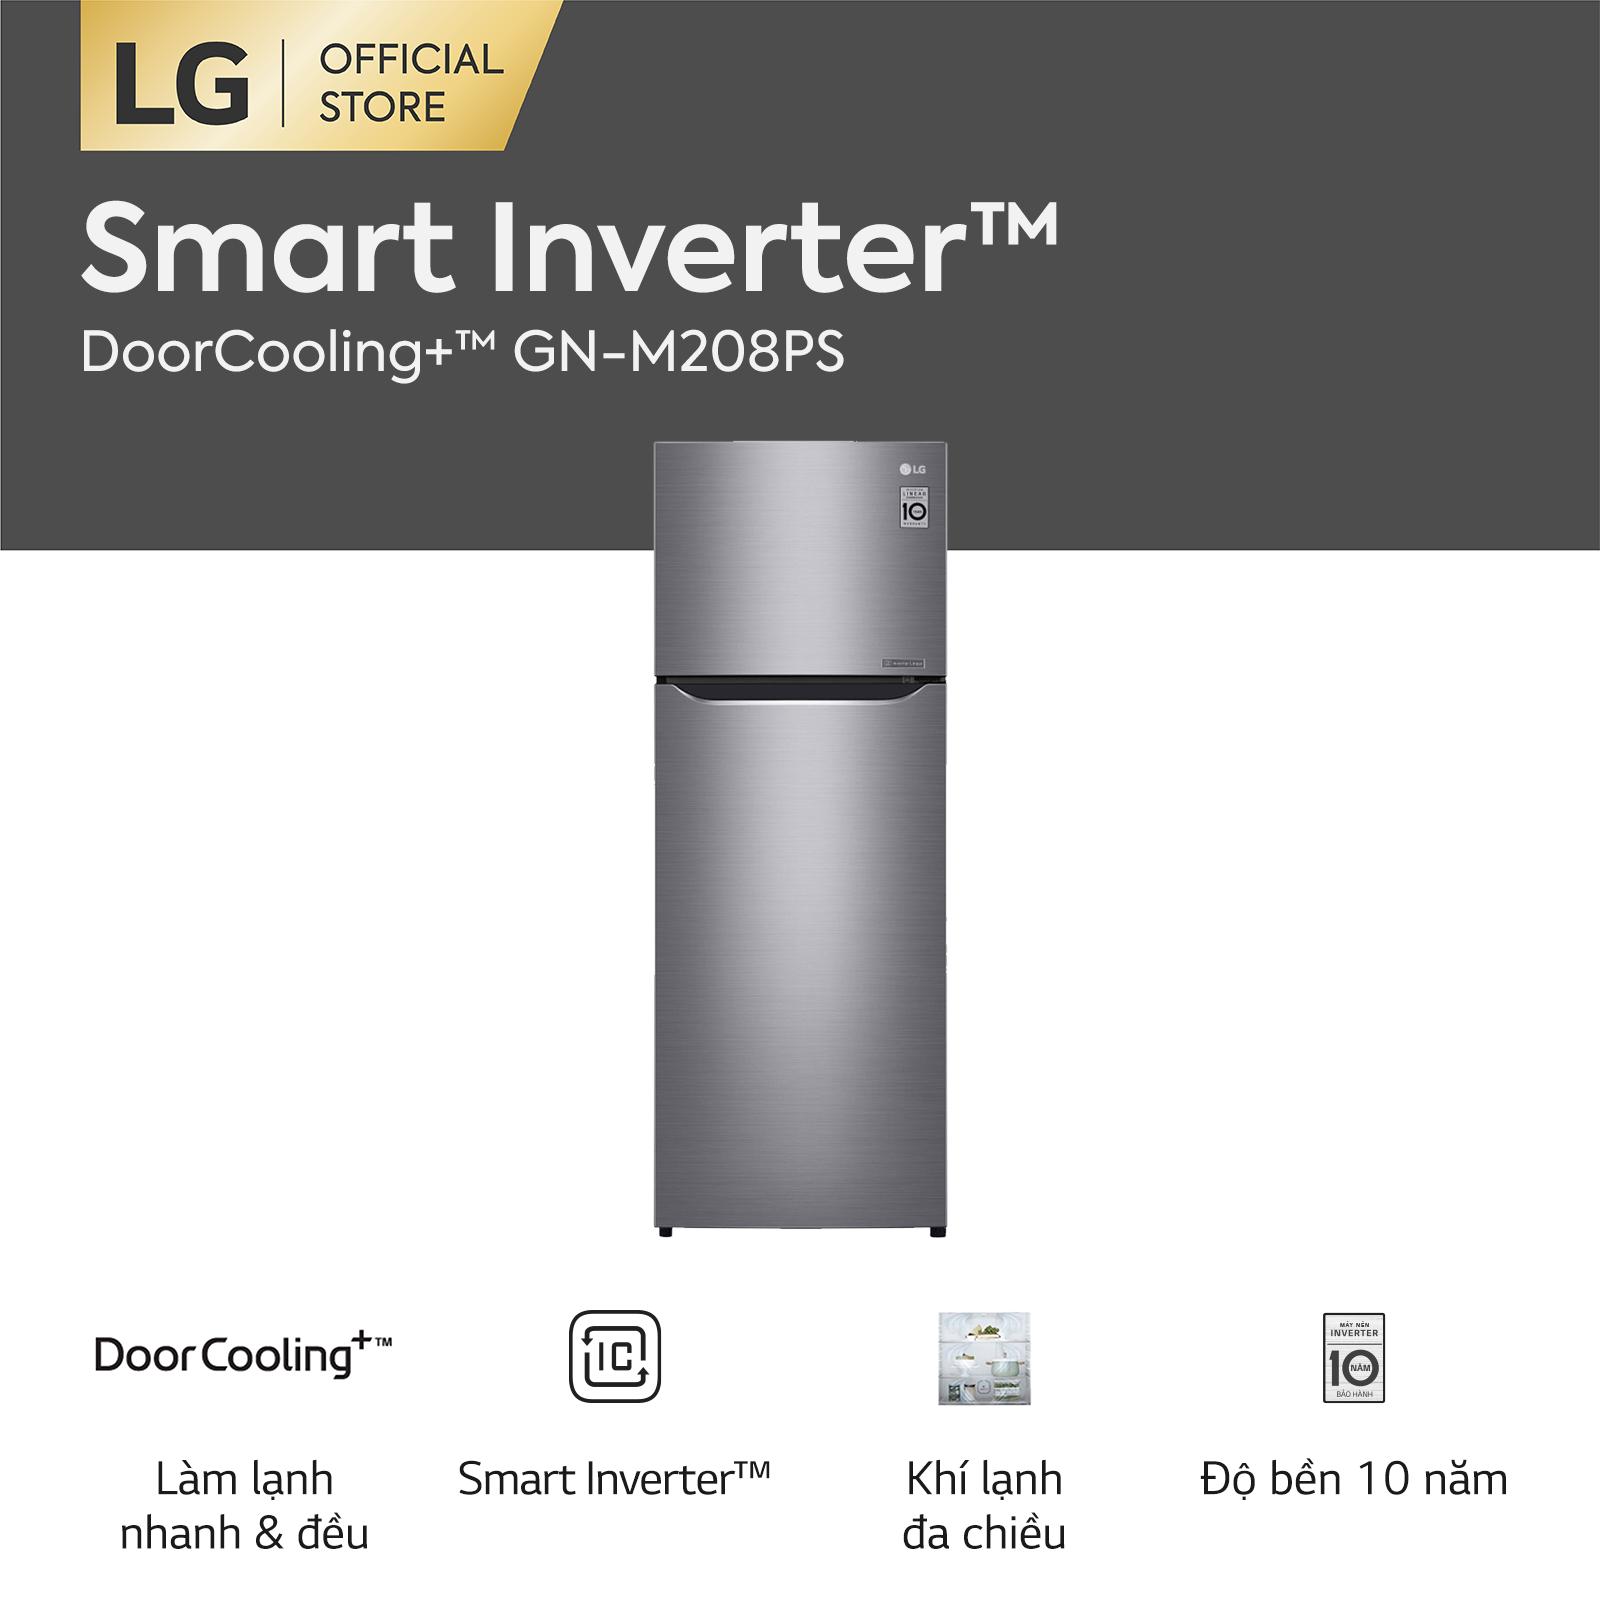 [FREESHIP 500K TOÀN QUỐC] Tủ lạnh LG Smart Inverter ngăn đá trên với DoorCooling+ GN-M208PS 225L (Bạc) 55.5 x 152 x 58.5cm – Hãng phân phối chính thức